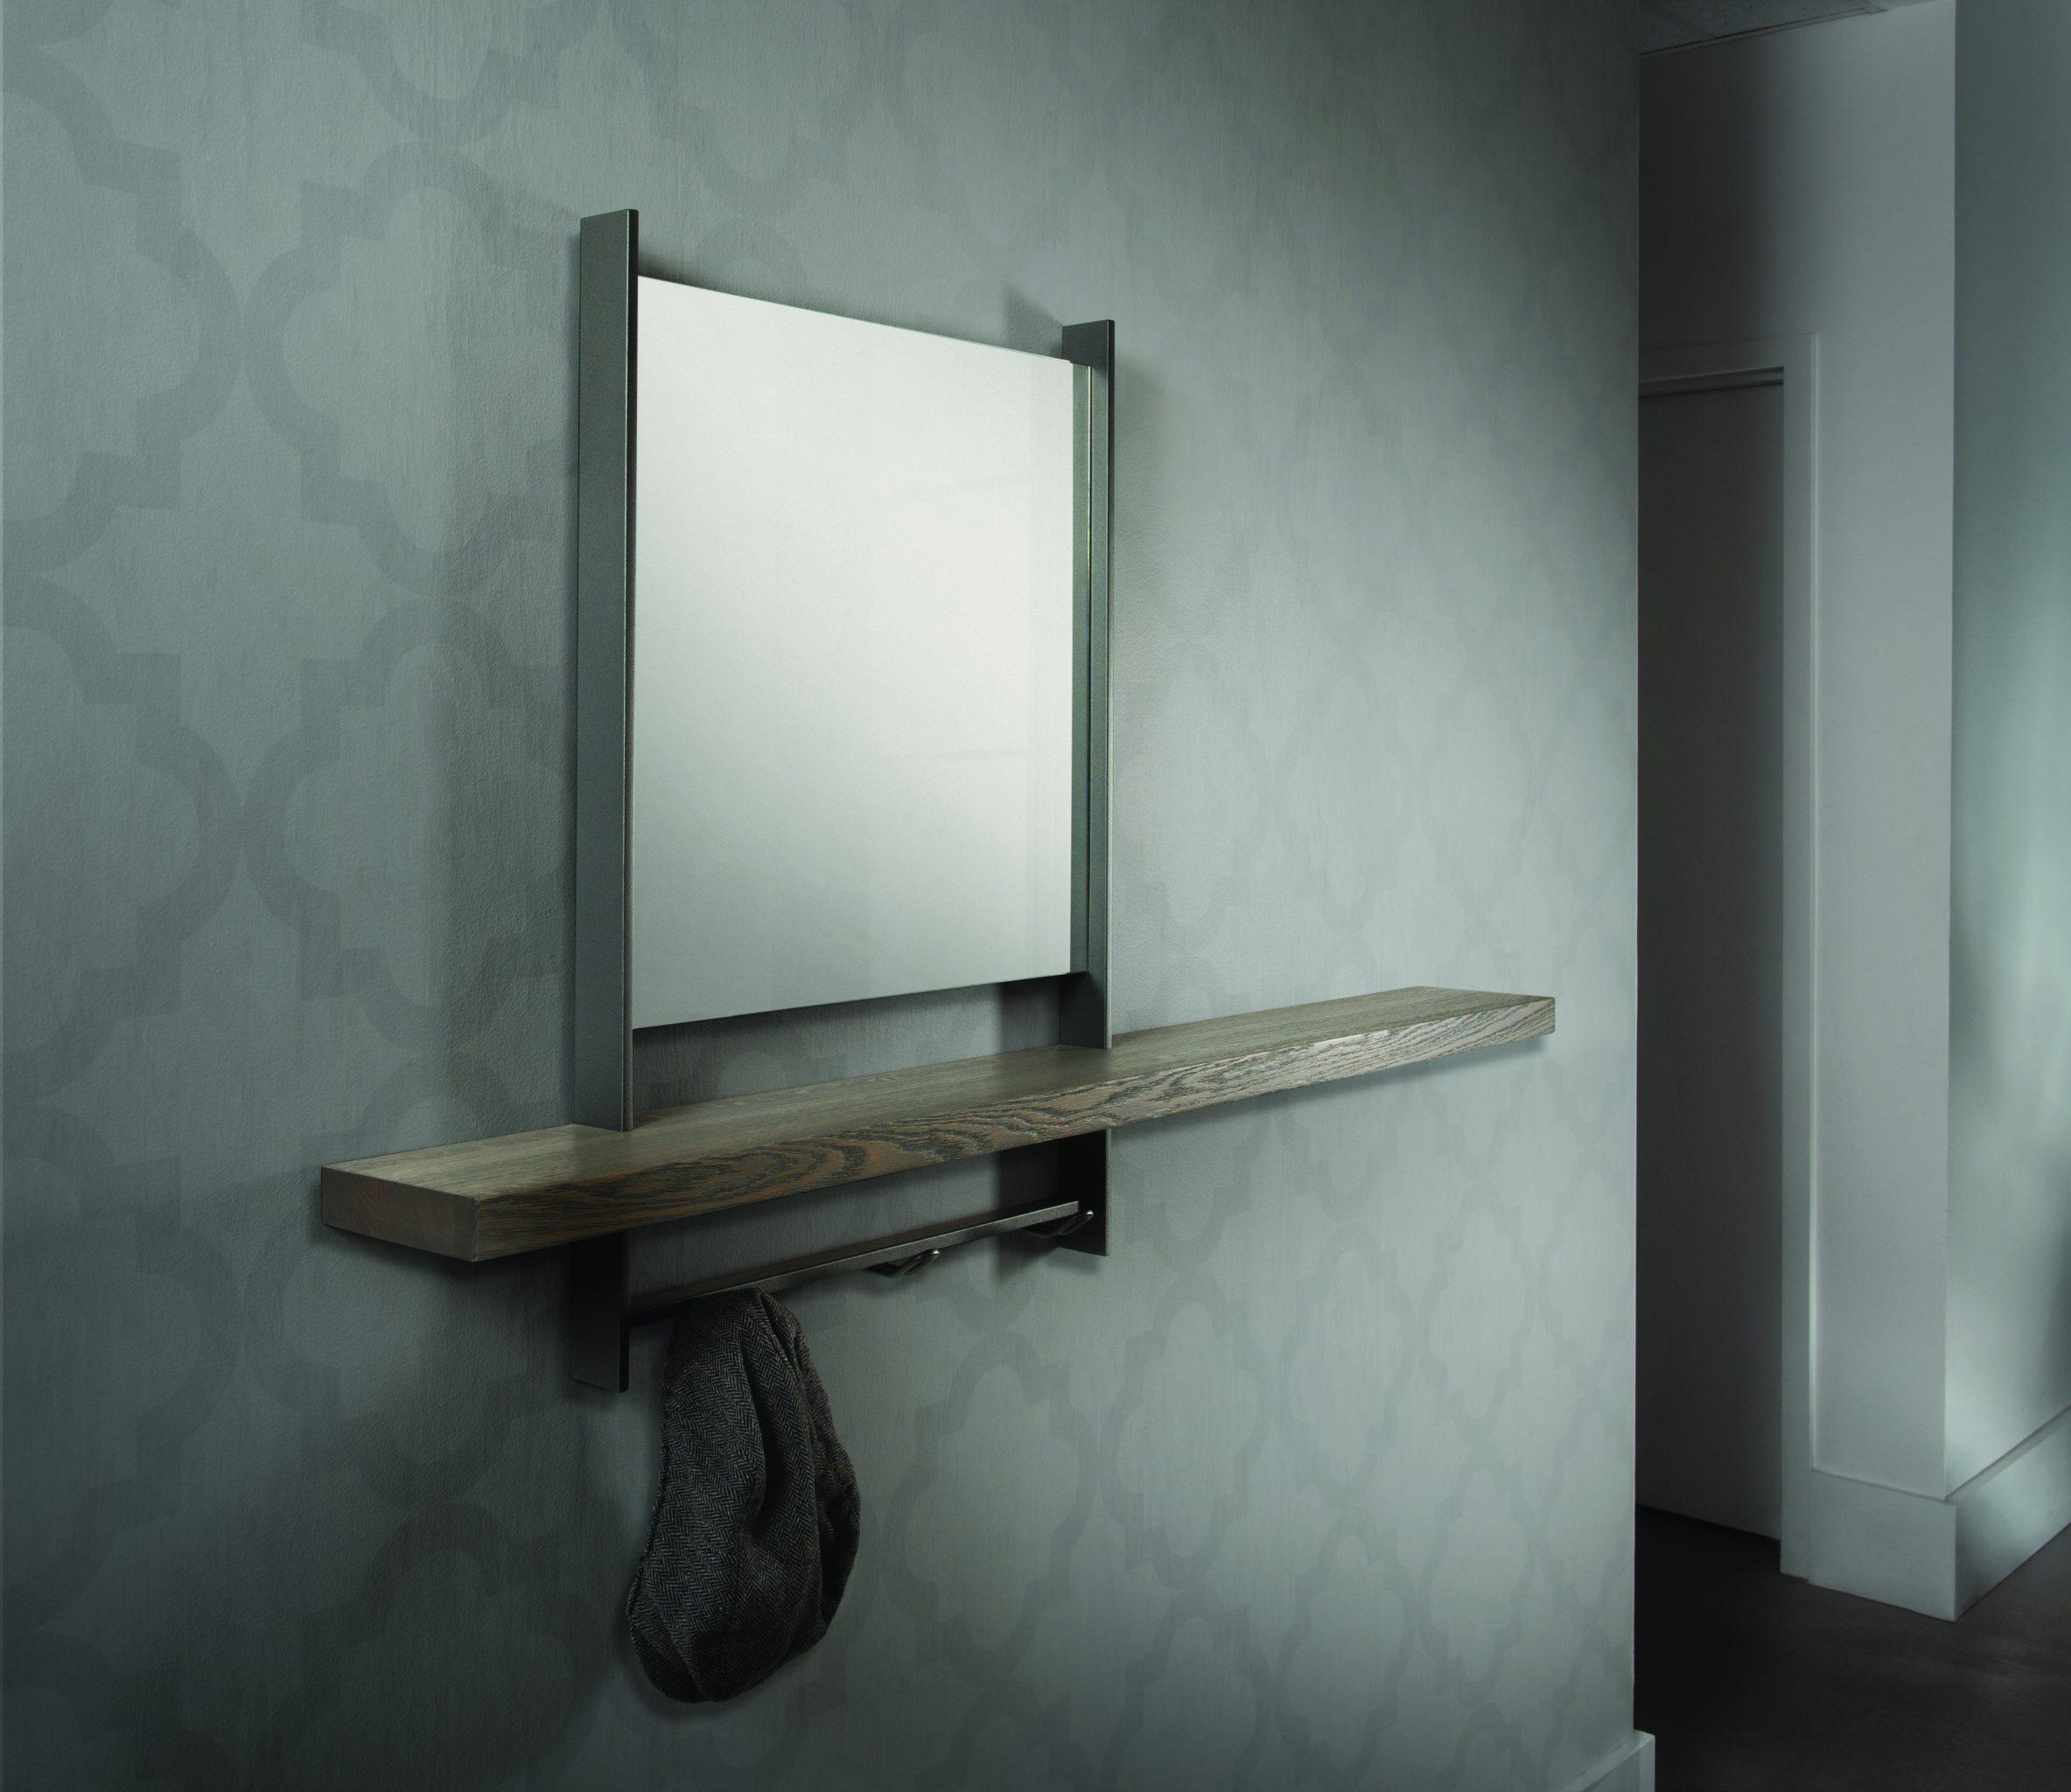 Matuvu Mirror - LaDiff